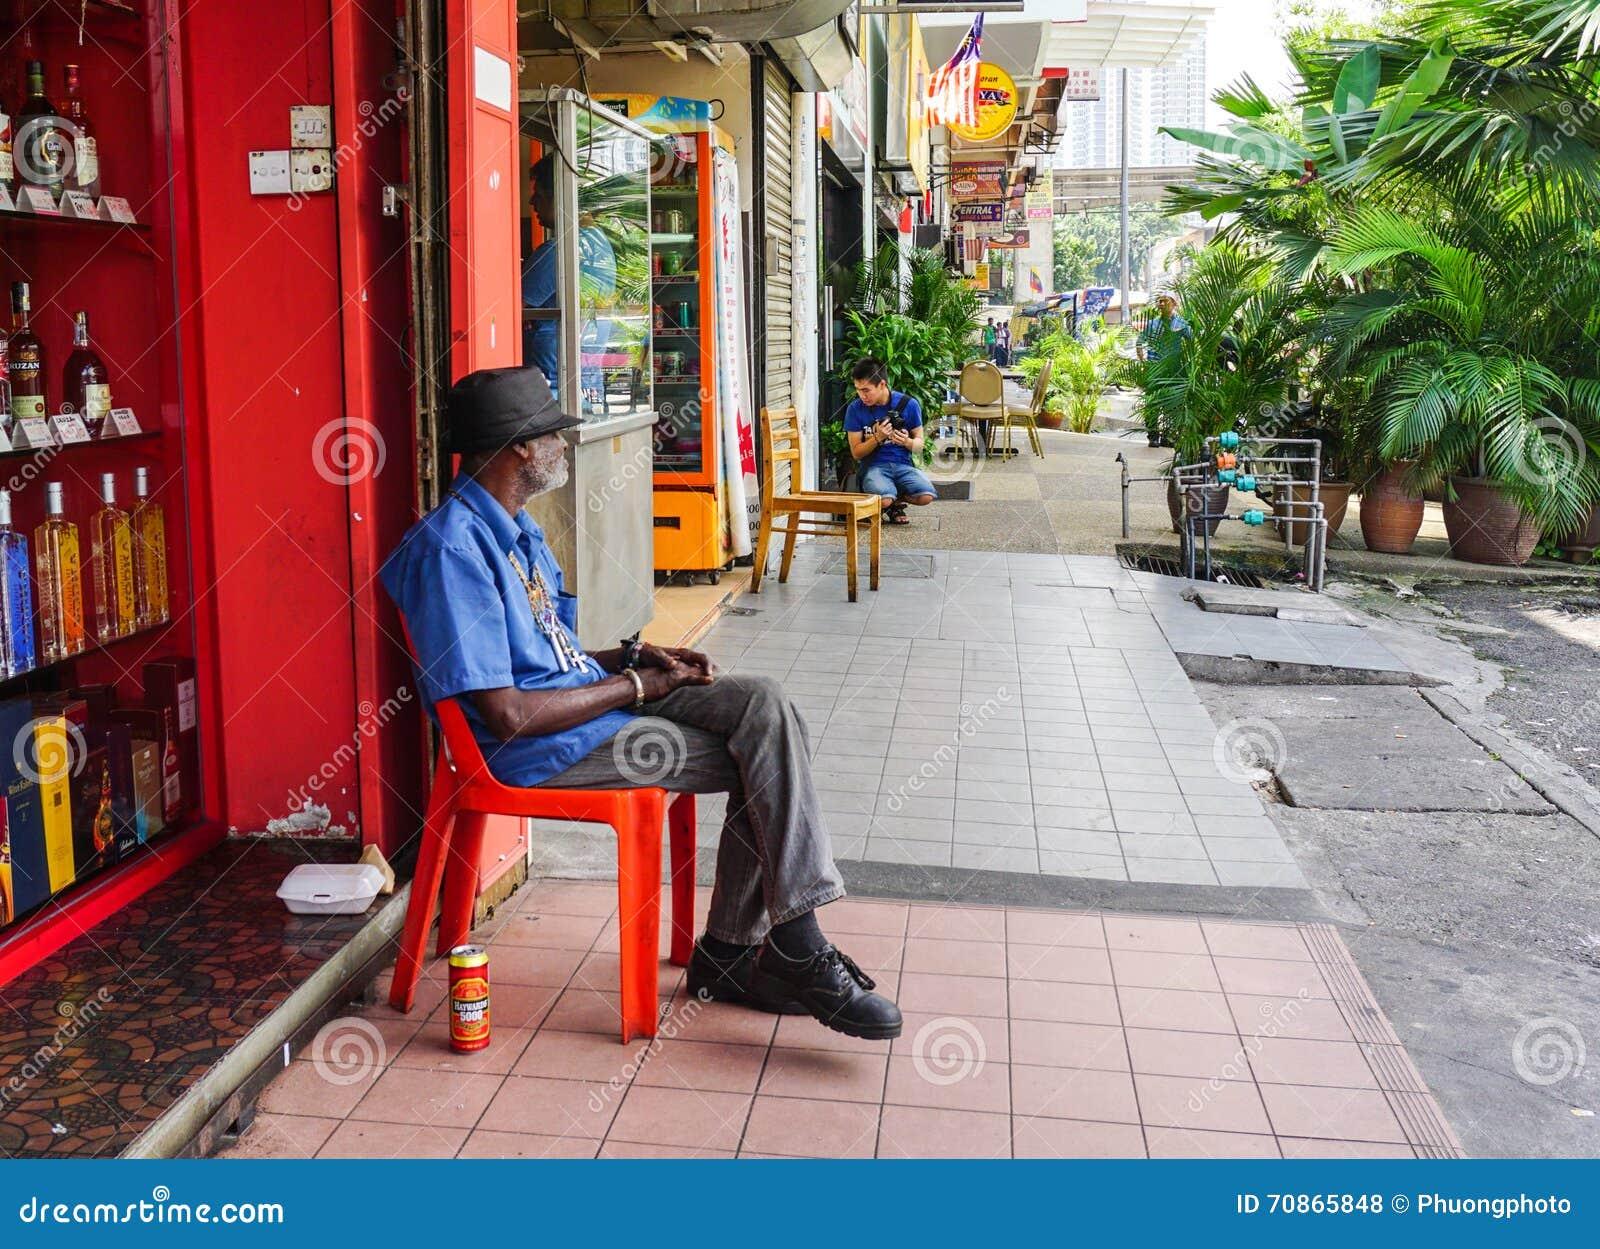 Een mensenzitting op straat in Cameron Highlands, Maleisië